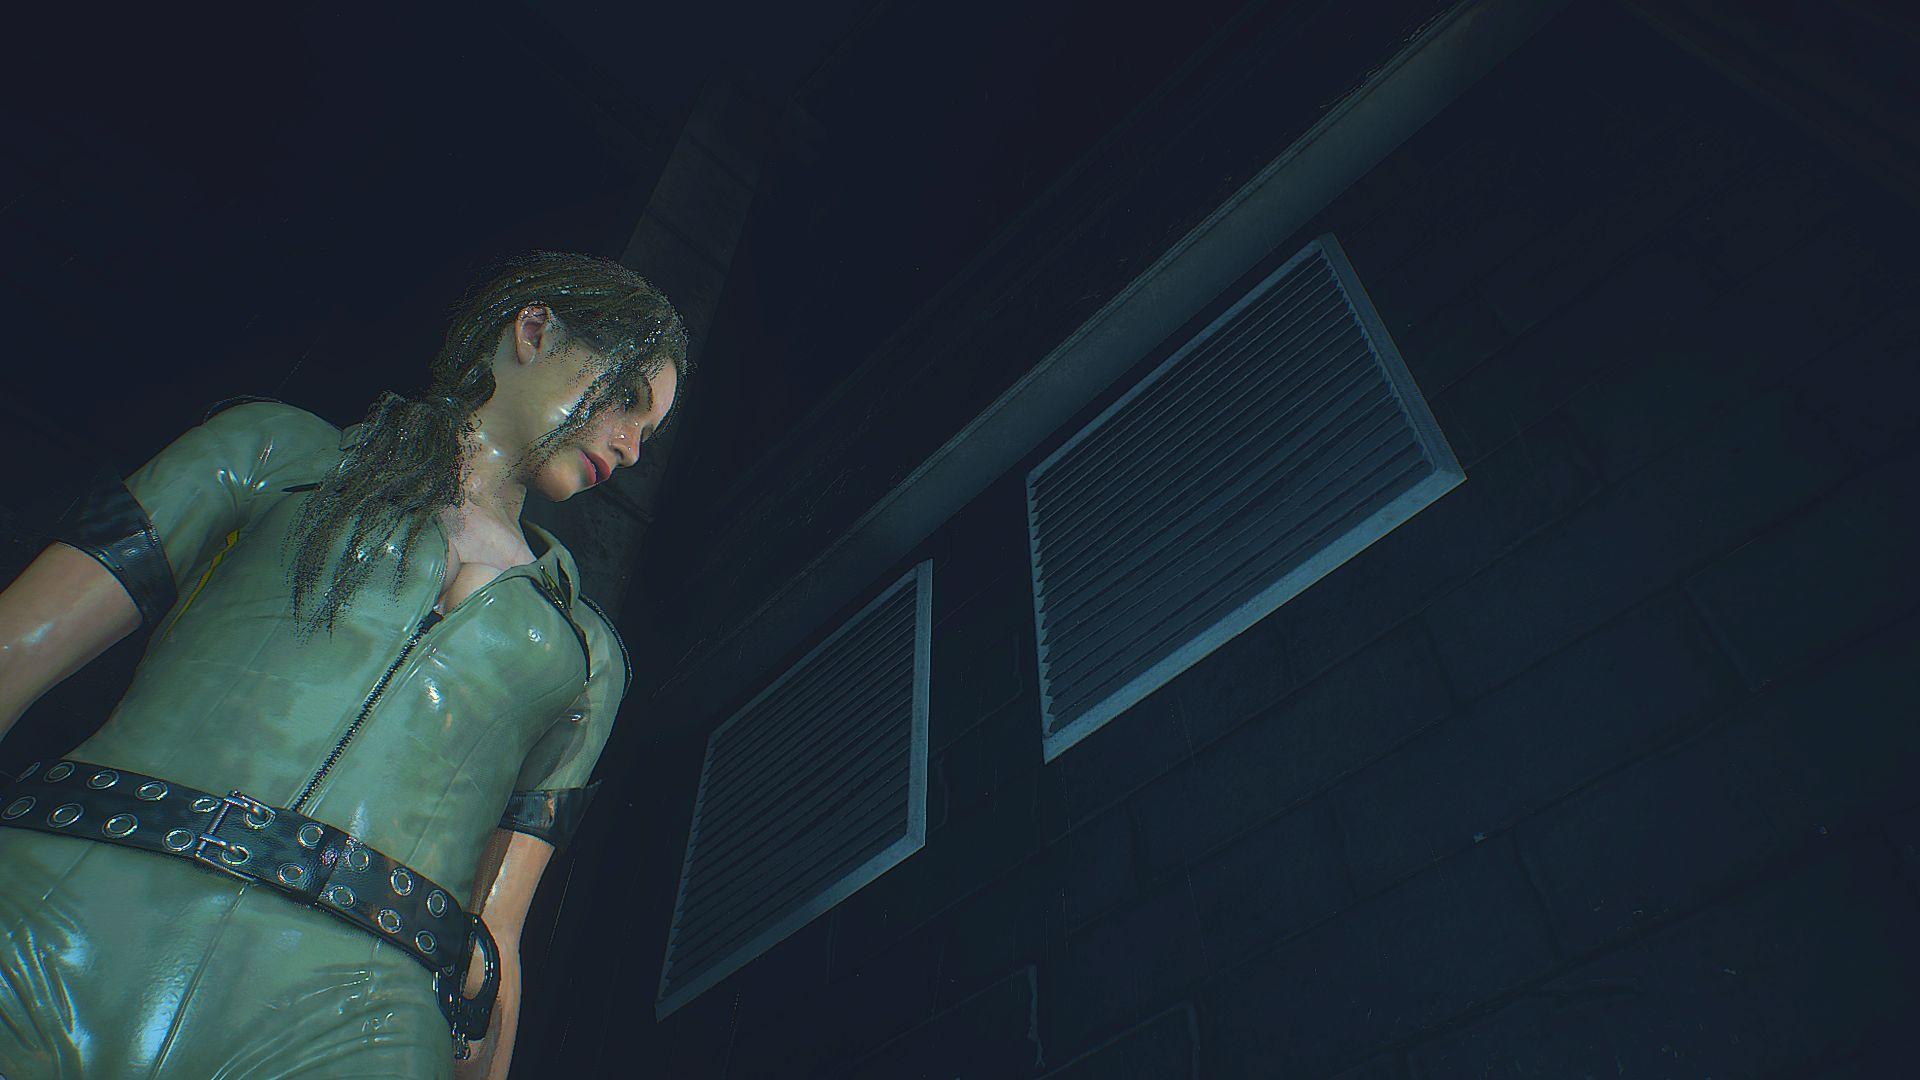 000769.Jpg - Resident Evil 2